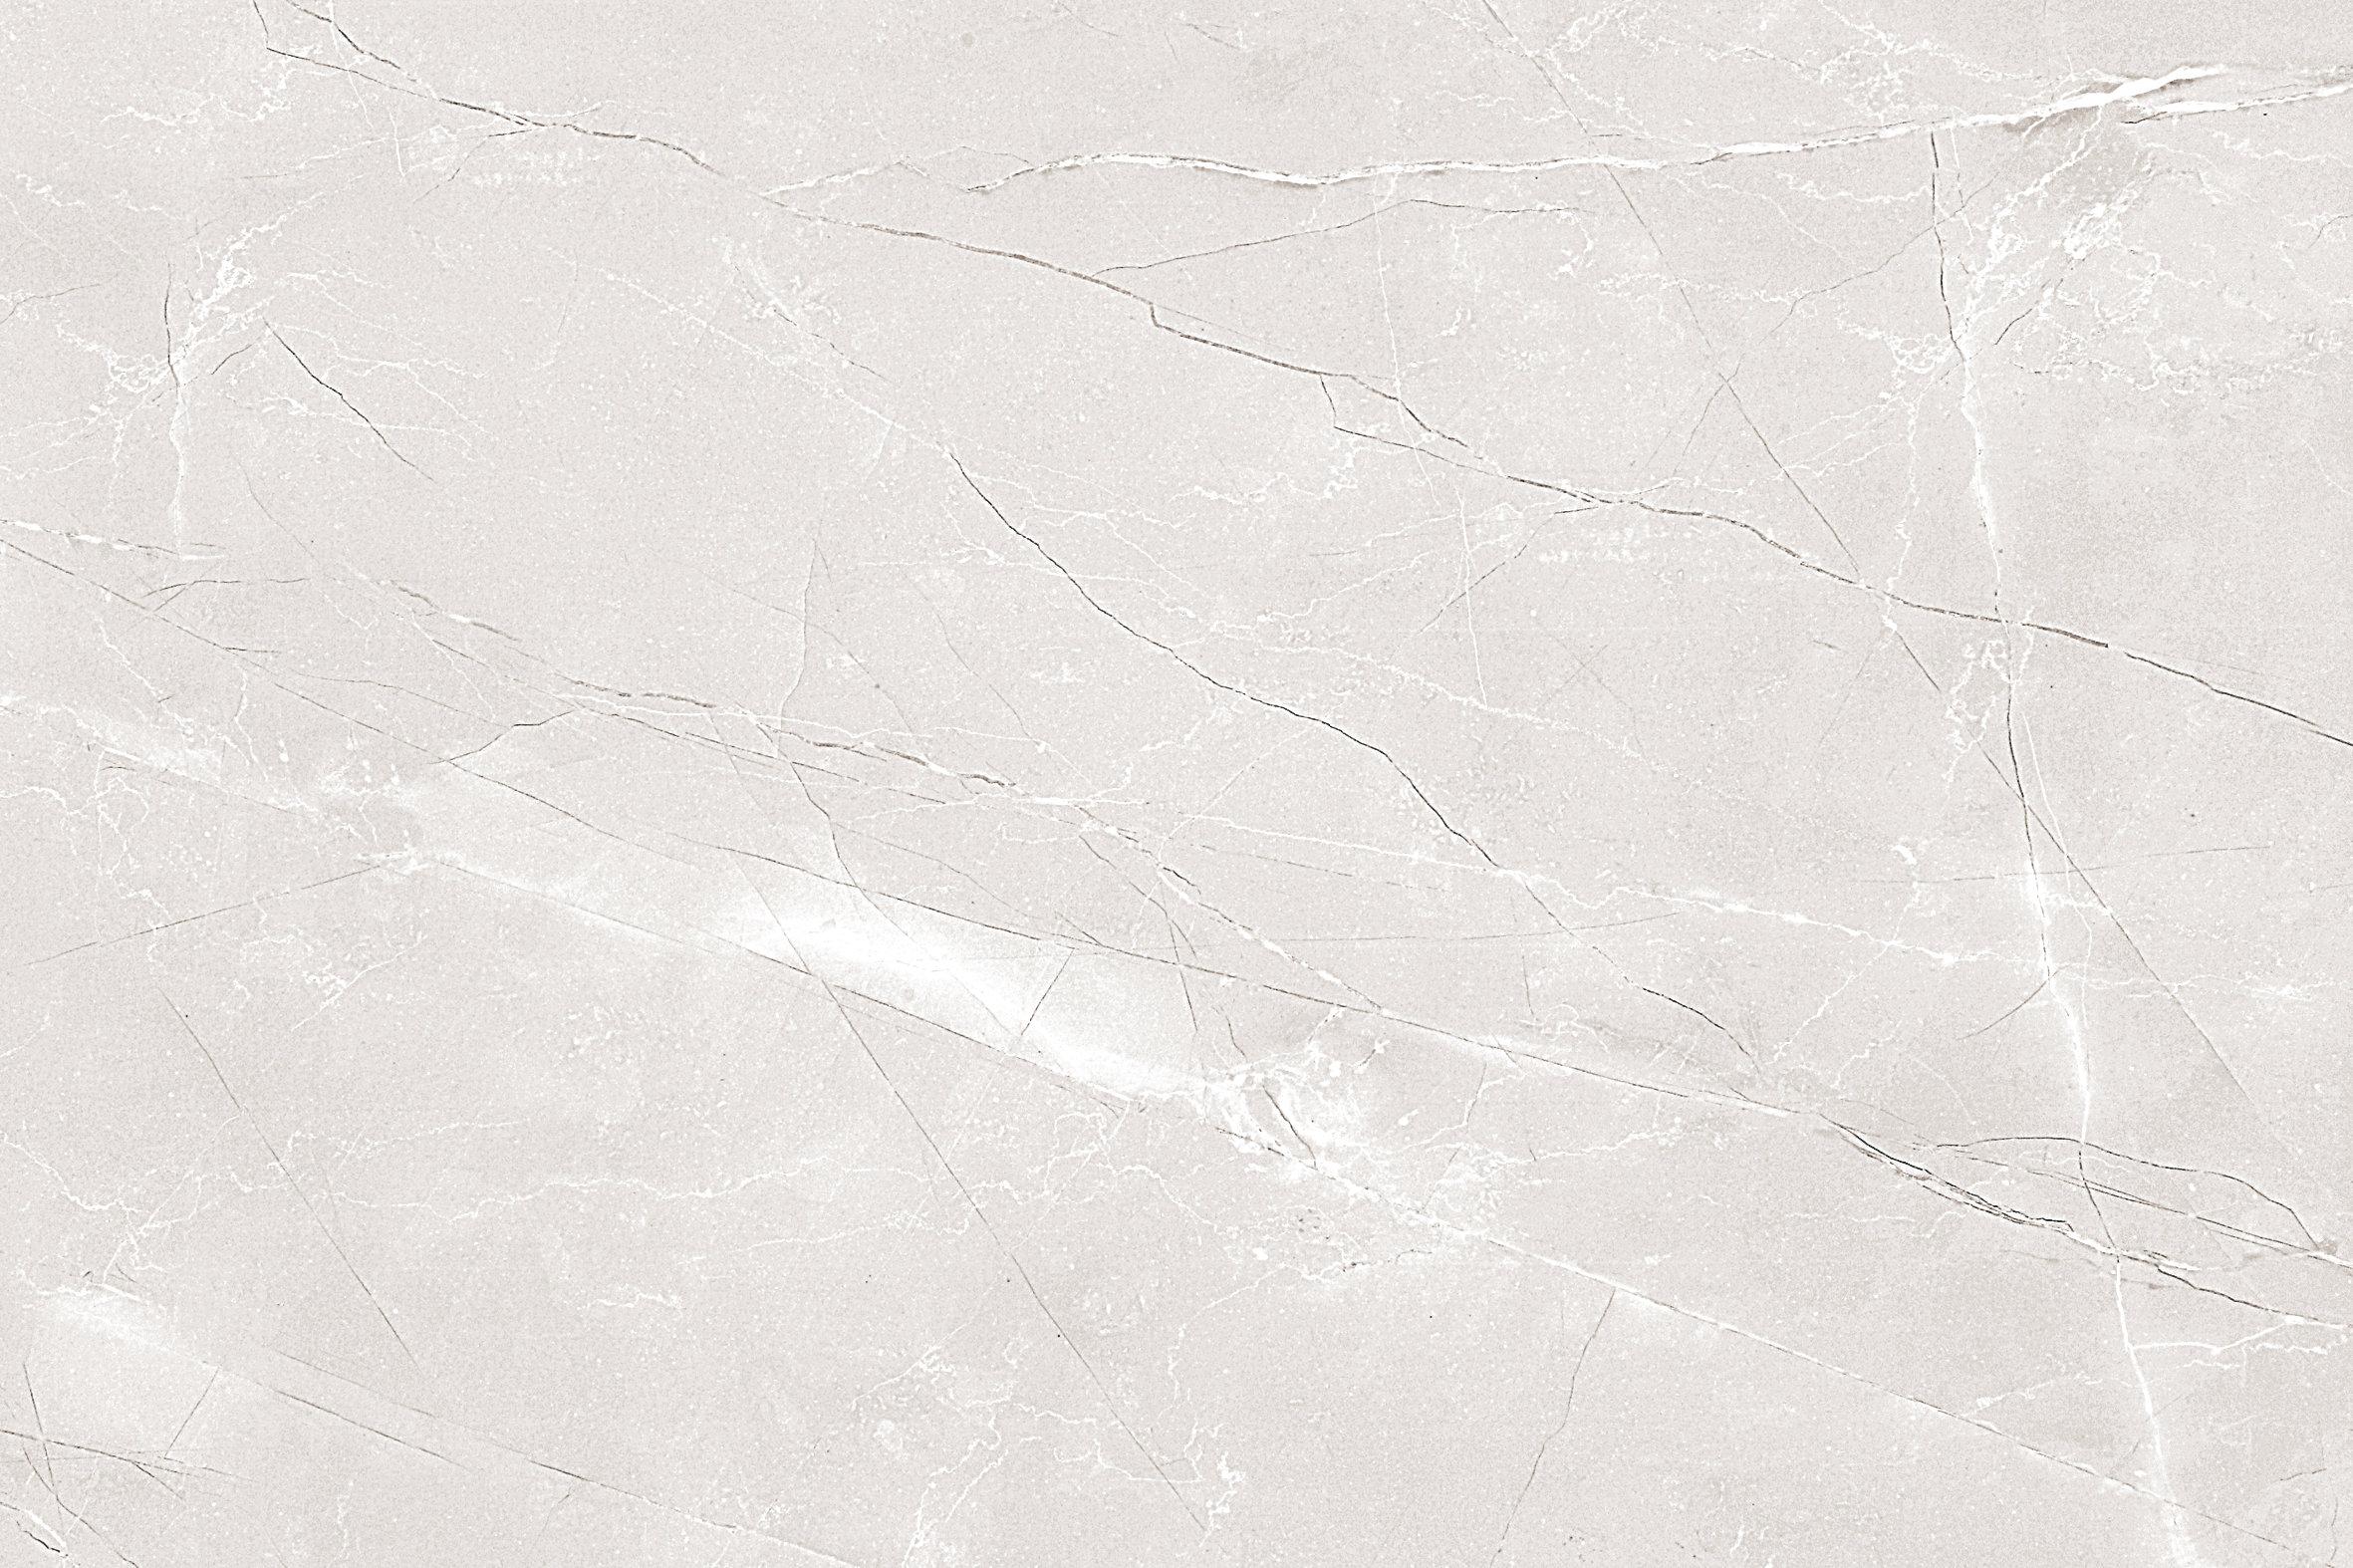 帕斯高灰 / CRS6931 / 600x900mm /  柔光大理石